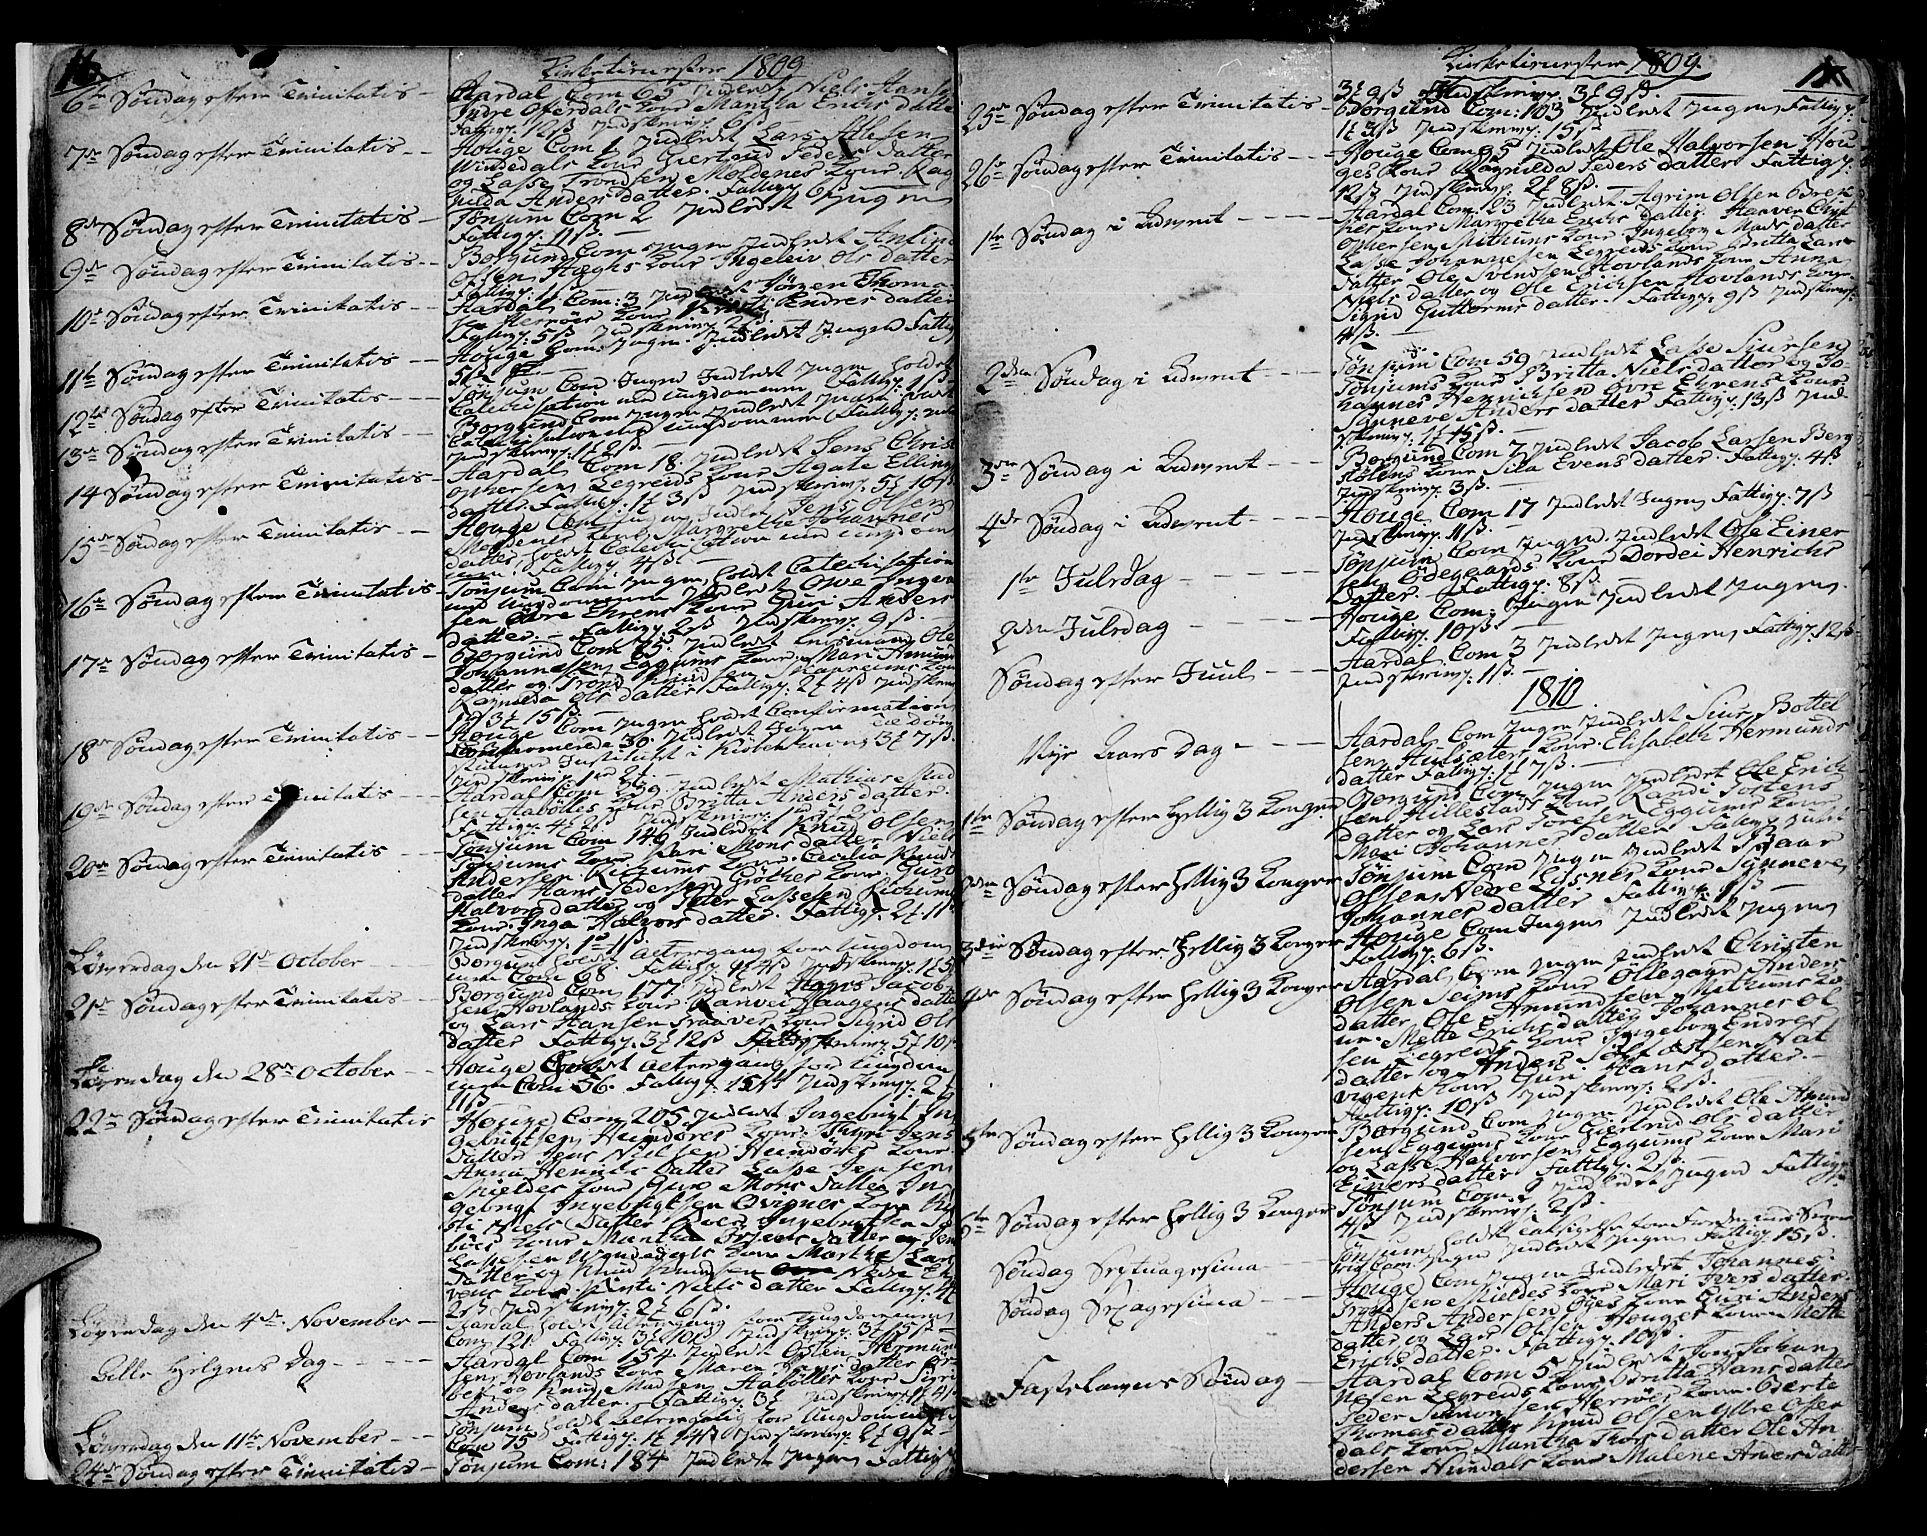 SAB, Lærdal sokneprestembete, Ministerialbok nr. A 4, 1805-1821, s. 16-17